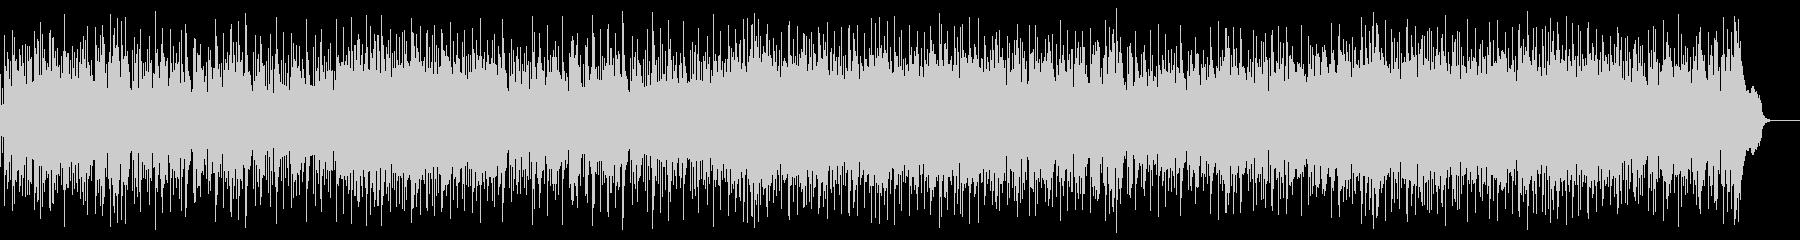 メロウなフュージョン(フルサイズ)の未再生の波形